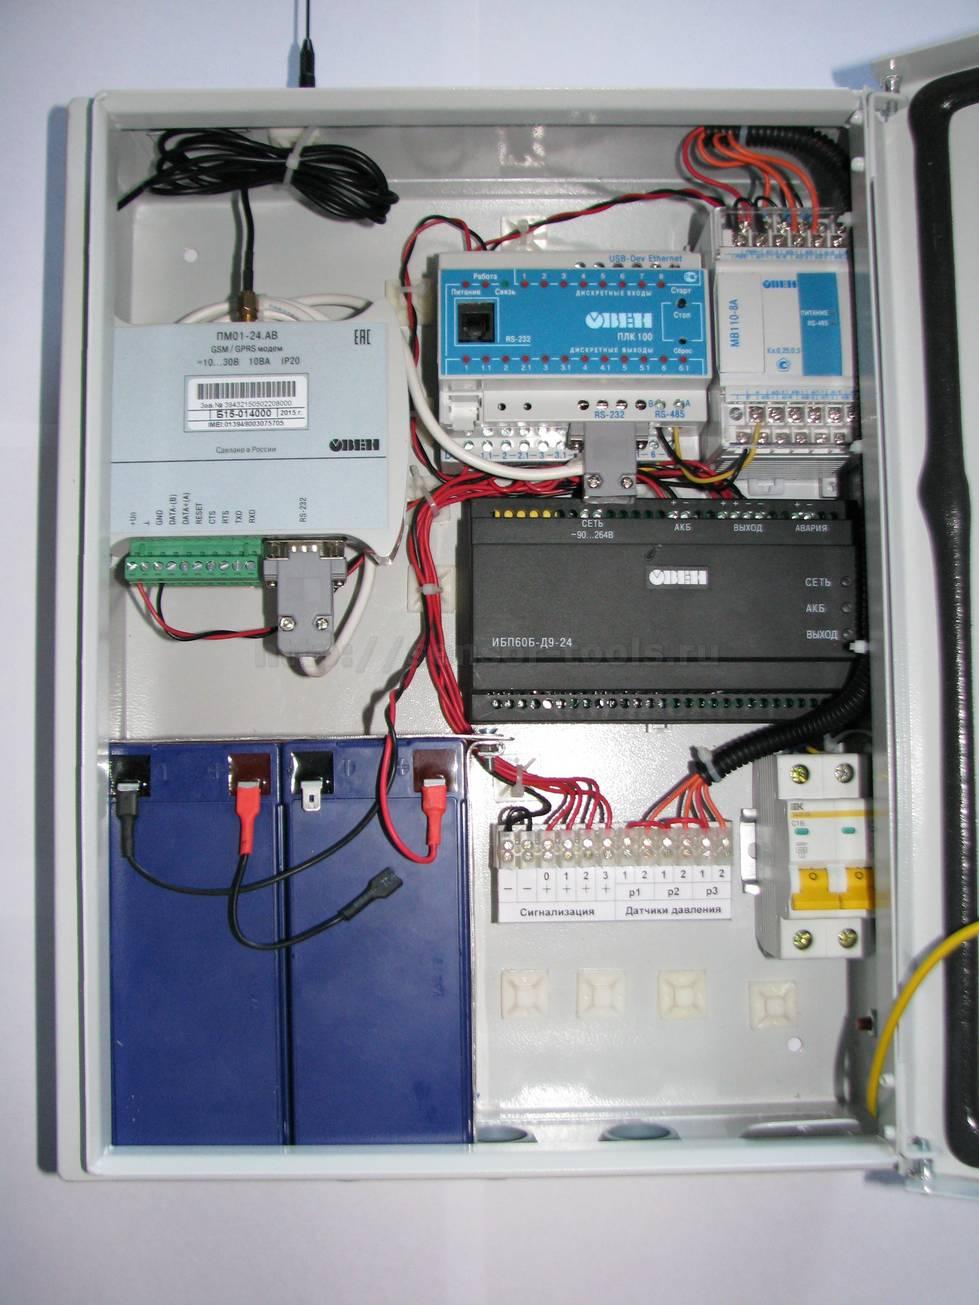 Управляющий шкаф системы мониторинга газовых баллонов в открытом состоянии.